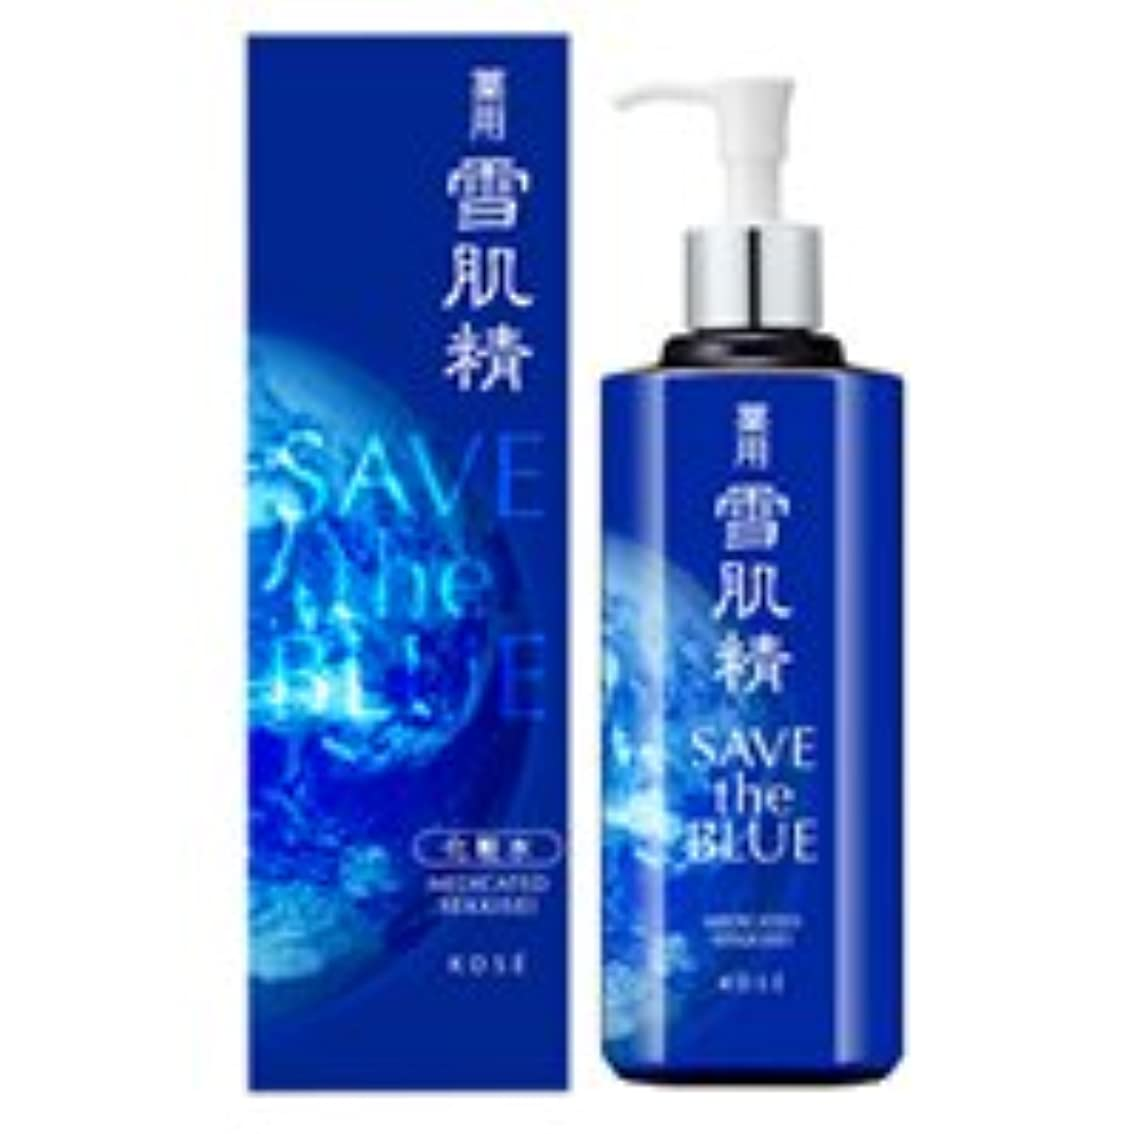 手紙を書くタイプライターストレッチコーセー 薬用 雪肌精 500ml 化粧水 SAVE the BLUE パッケージ